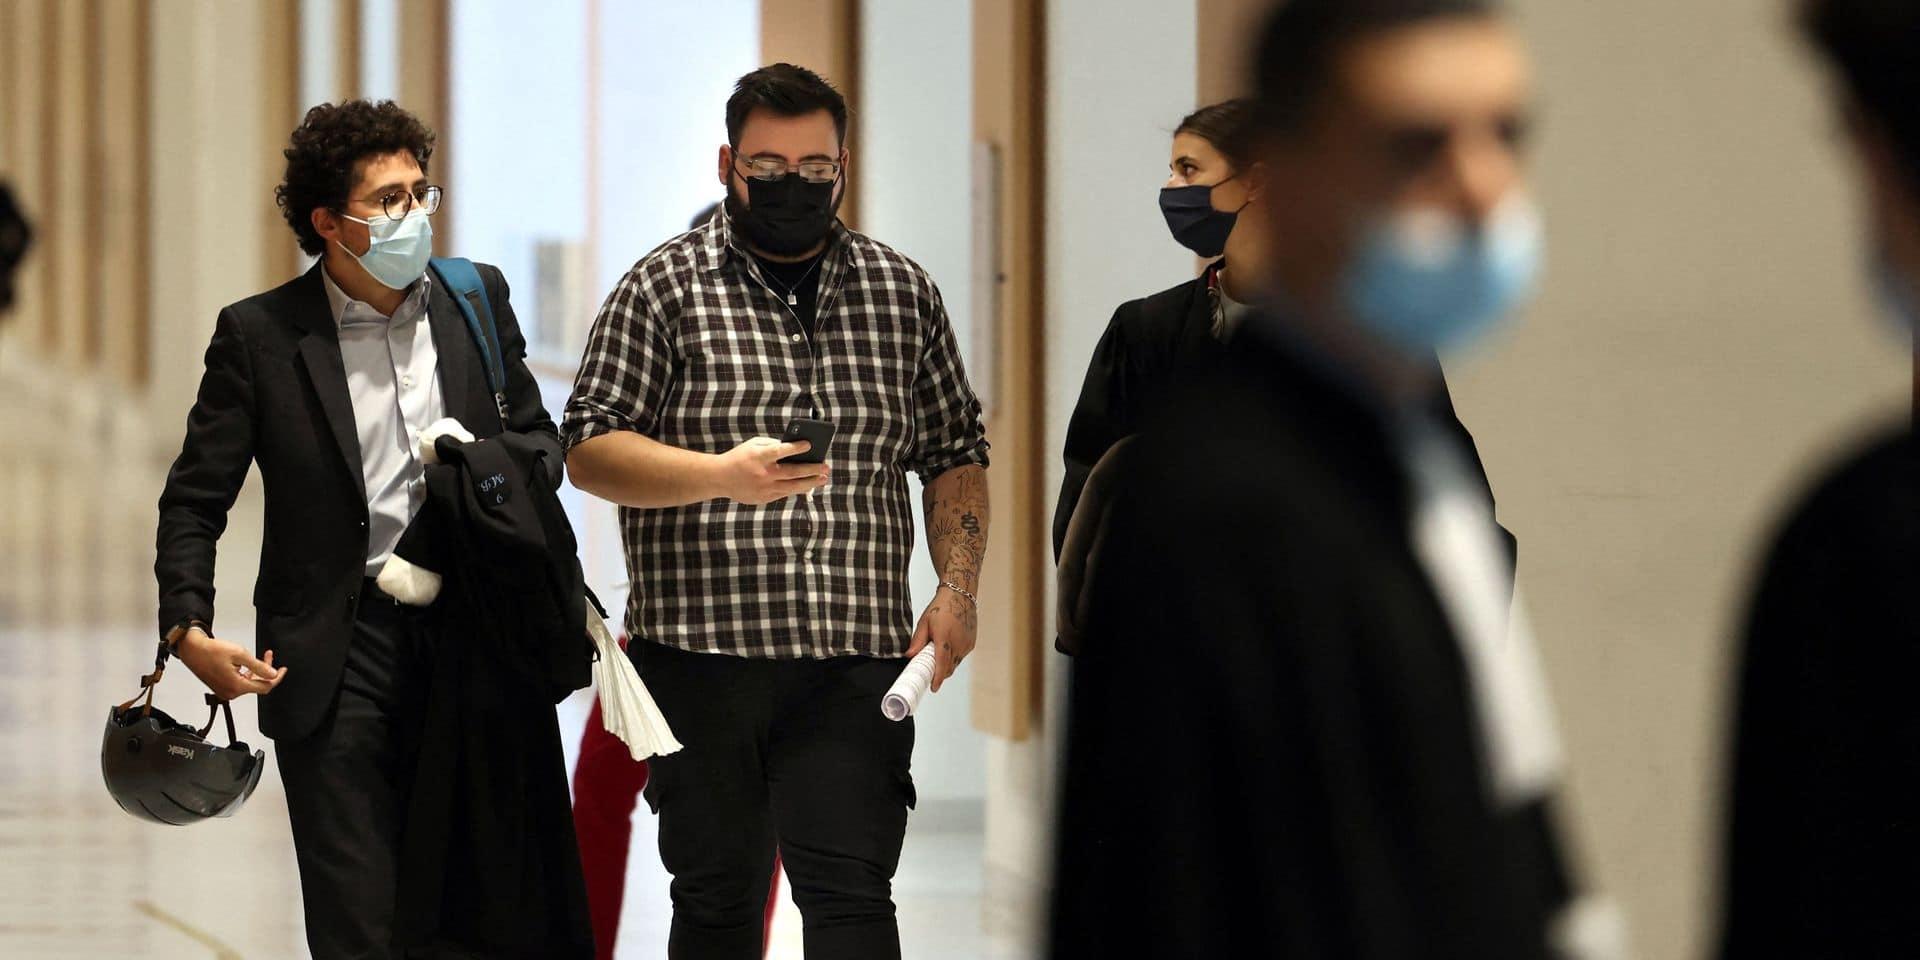 Le fondateur du groupuscule d'ultradroite OAS condamné à 9 ans de prison ferme pour des projets d'attentats